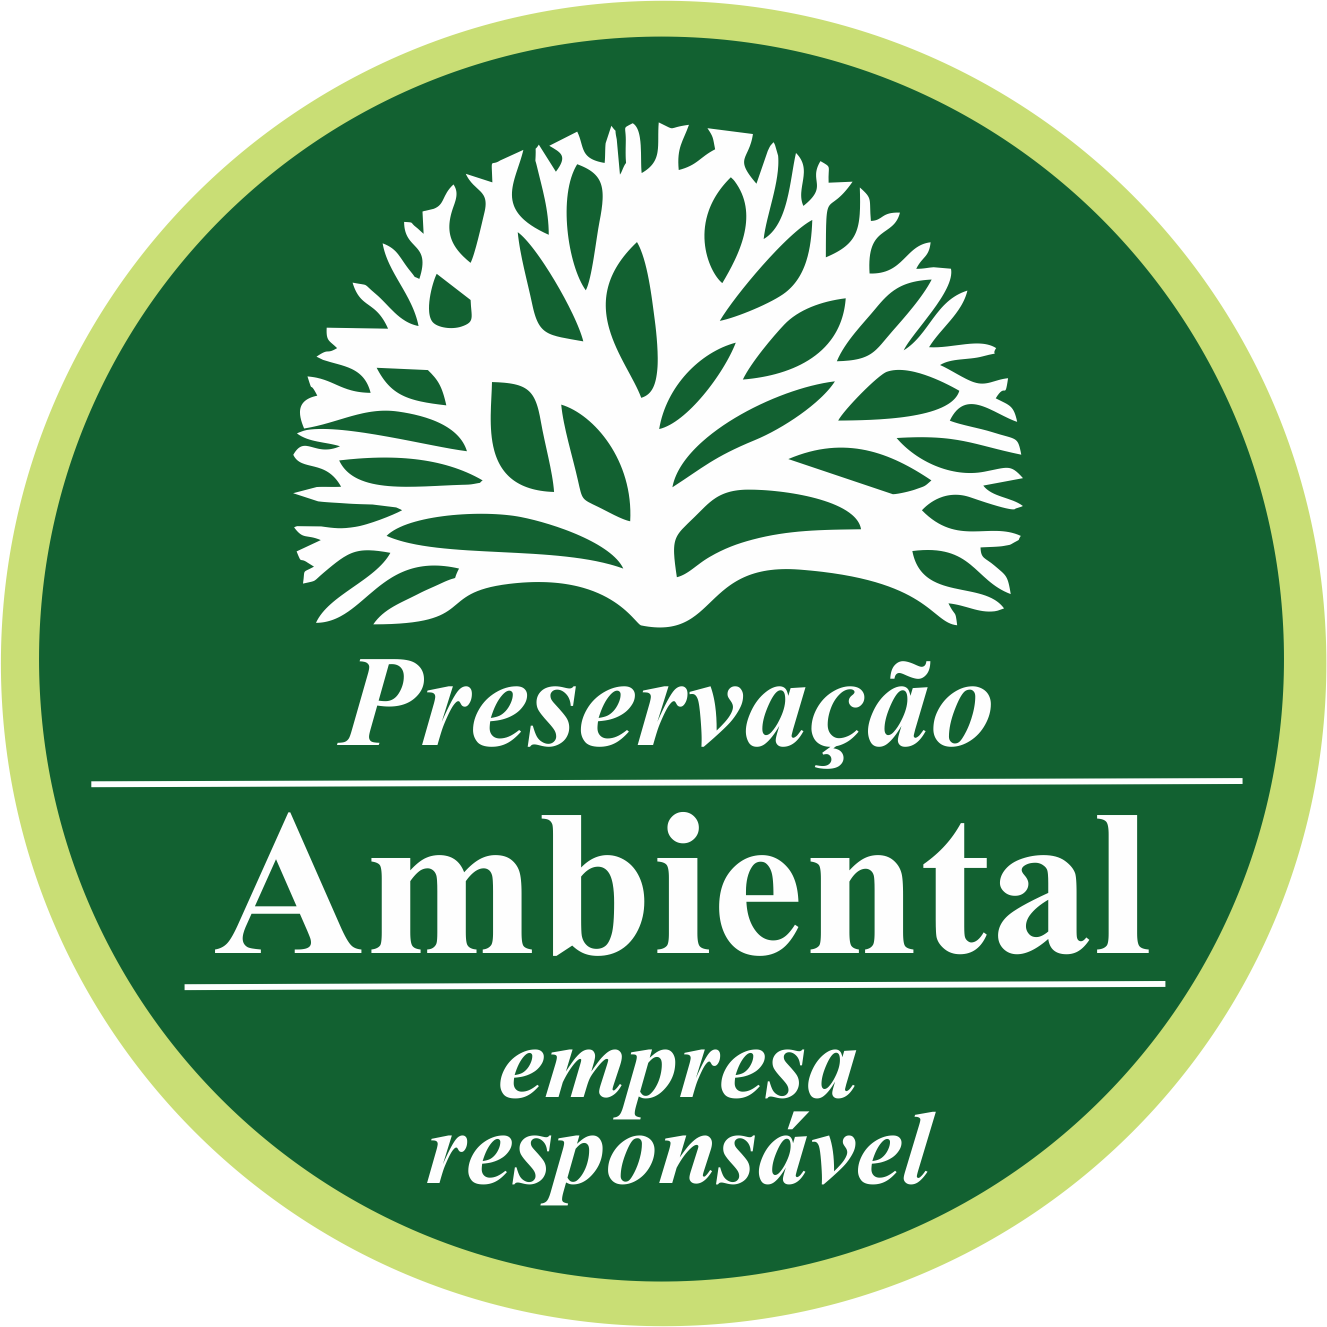 Perfume Aromatizante 500ml -  Lavanda (Go Eco Wash)  - Loja Go Eco Wash